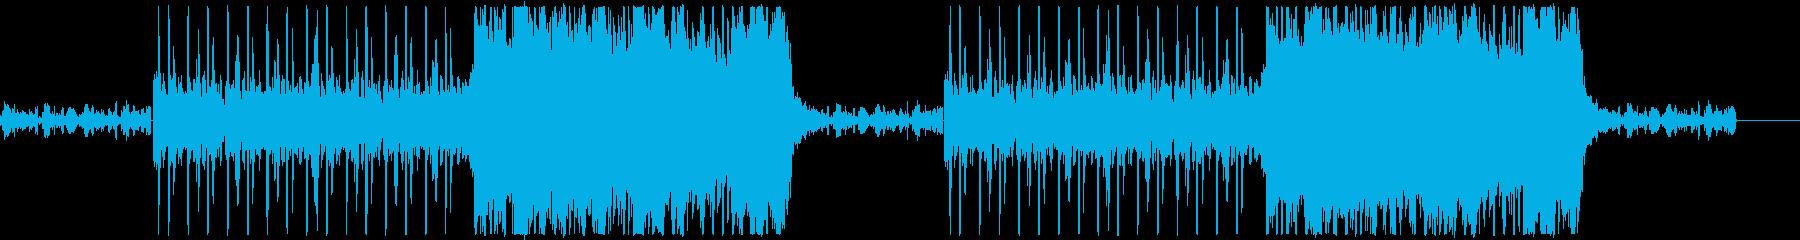 哀愁感のあるギターBGM・カッコイイの再生済みの波形